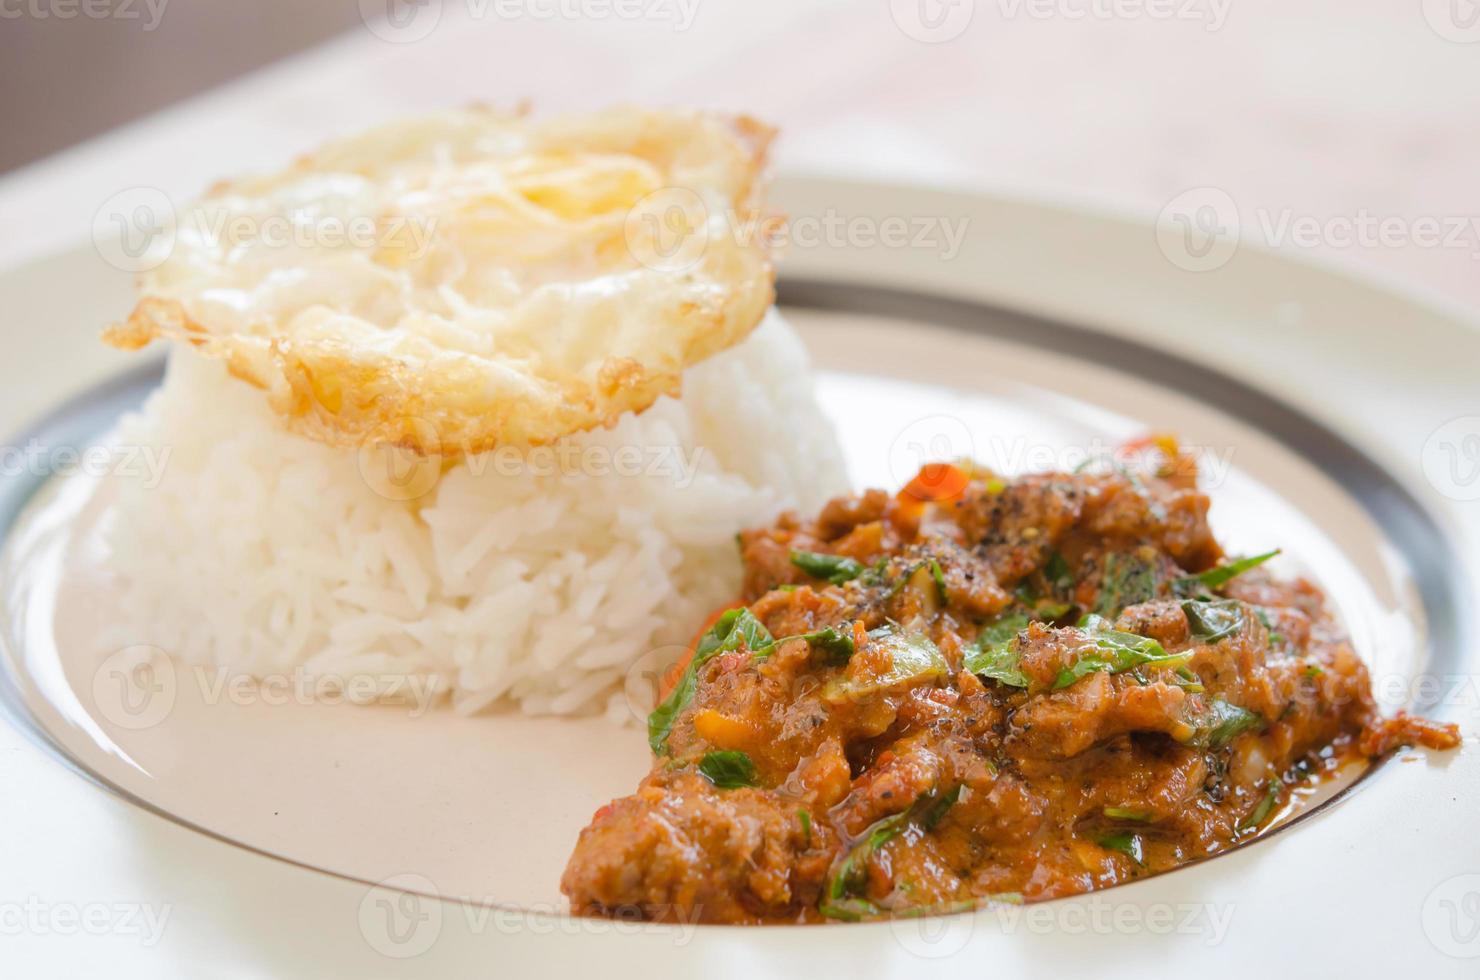 comida em estilo tailandês foto